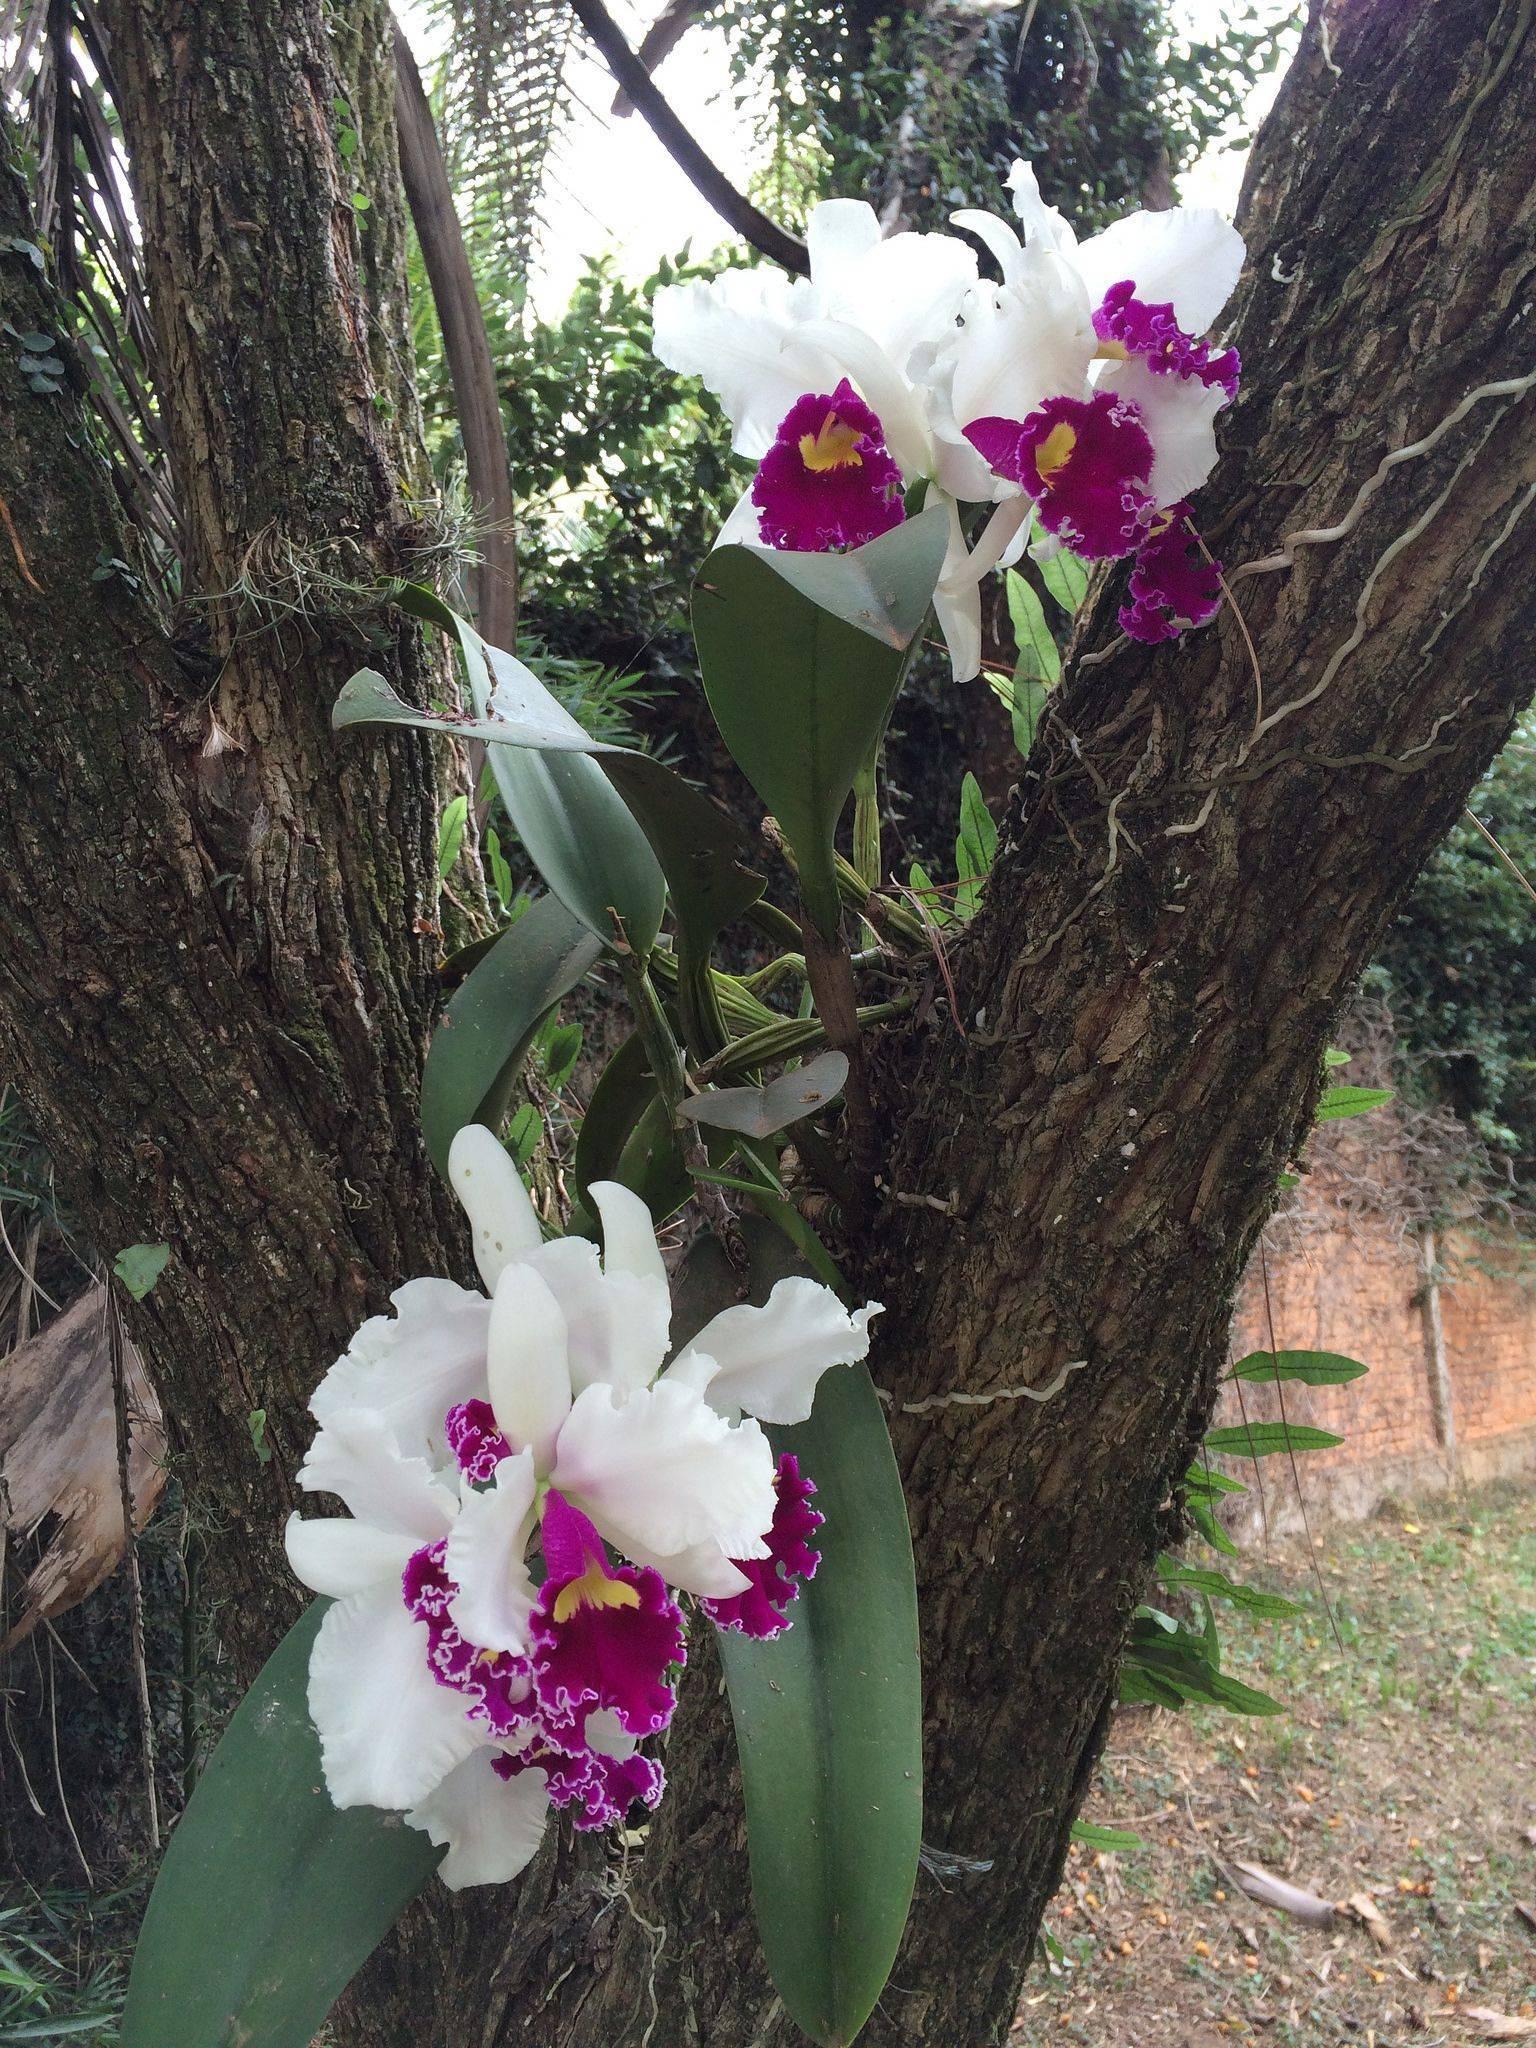 Родина растения орхидея: страна и история происхождения комнатного цветка. где растет домашняя орхидея?